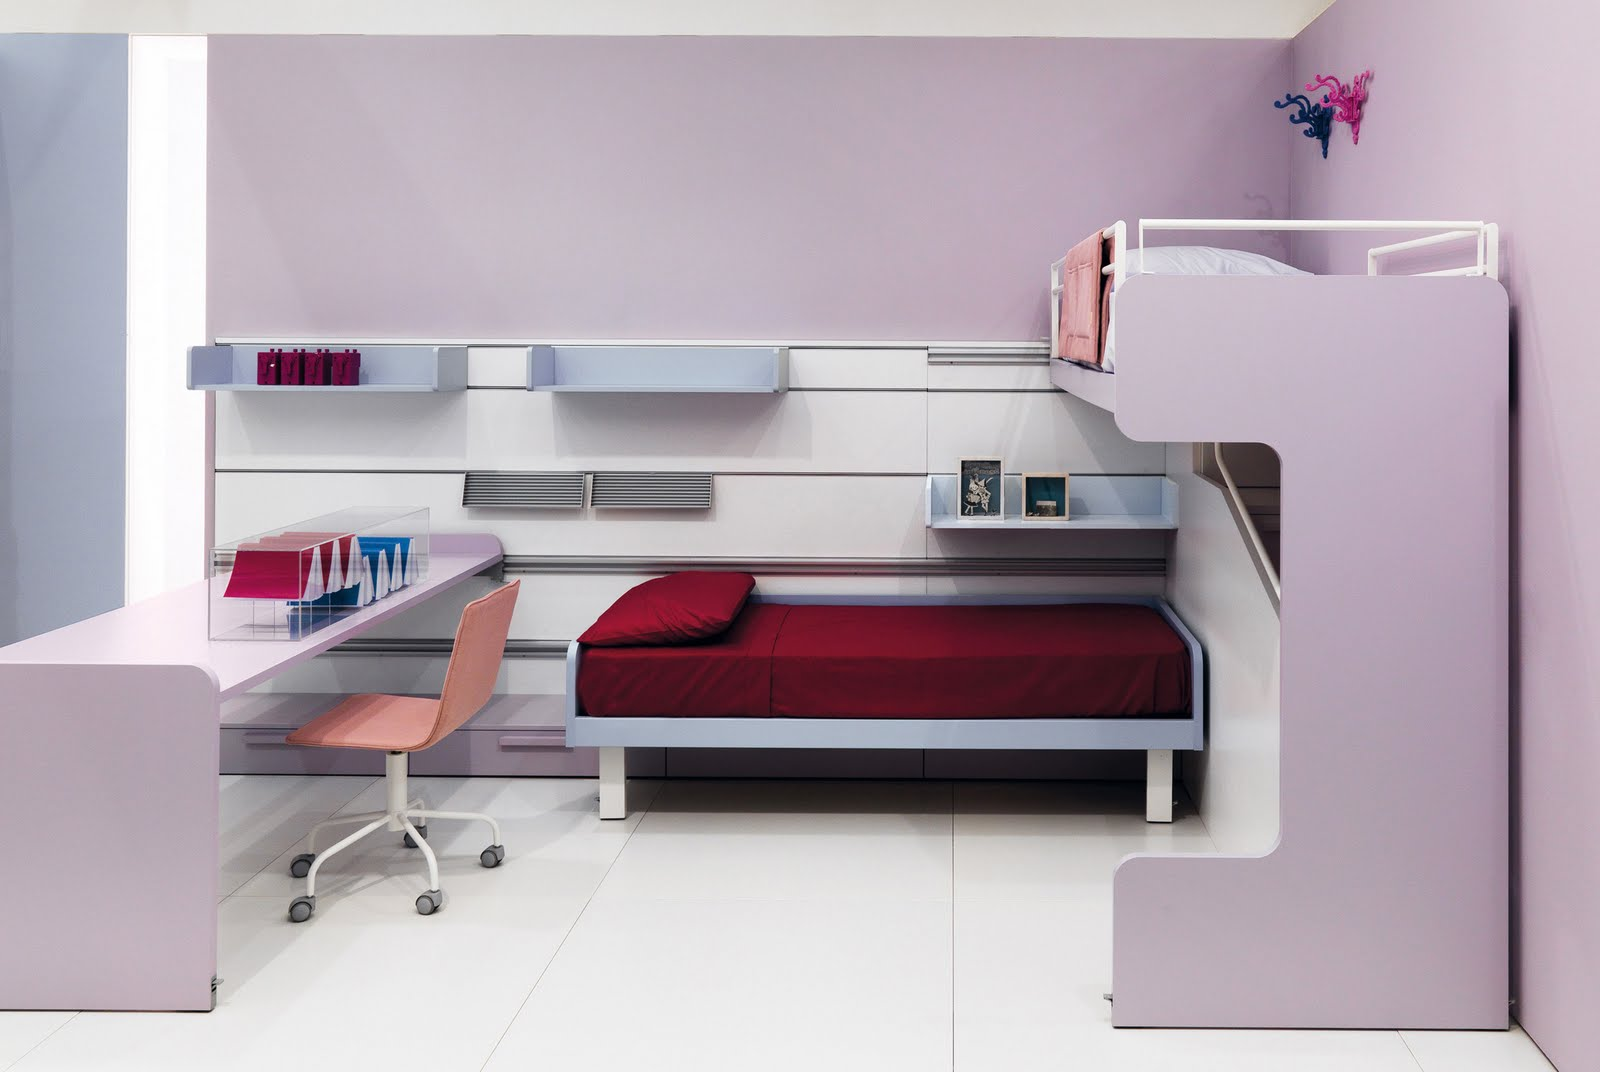 Decora el hogar: Dormitorios modernos y juveniles